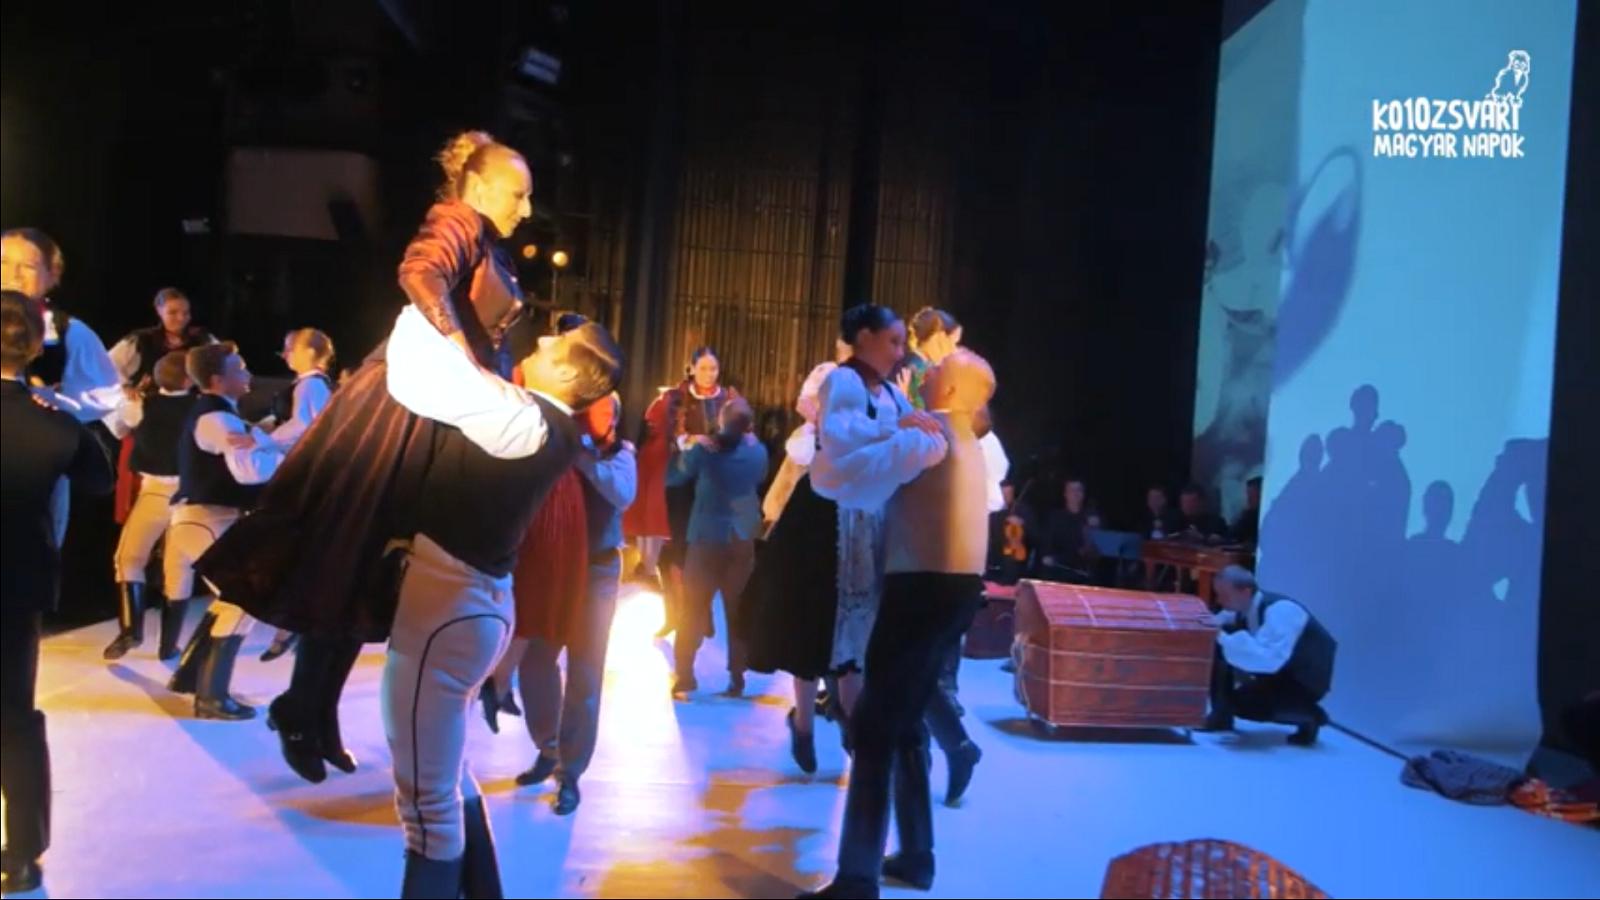 10. KMN – Kolozsvári piactéren – a Magyar Állami Népi Együttes tánckarának és zenekarának bemutató előadása